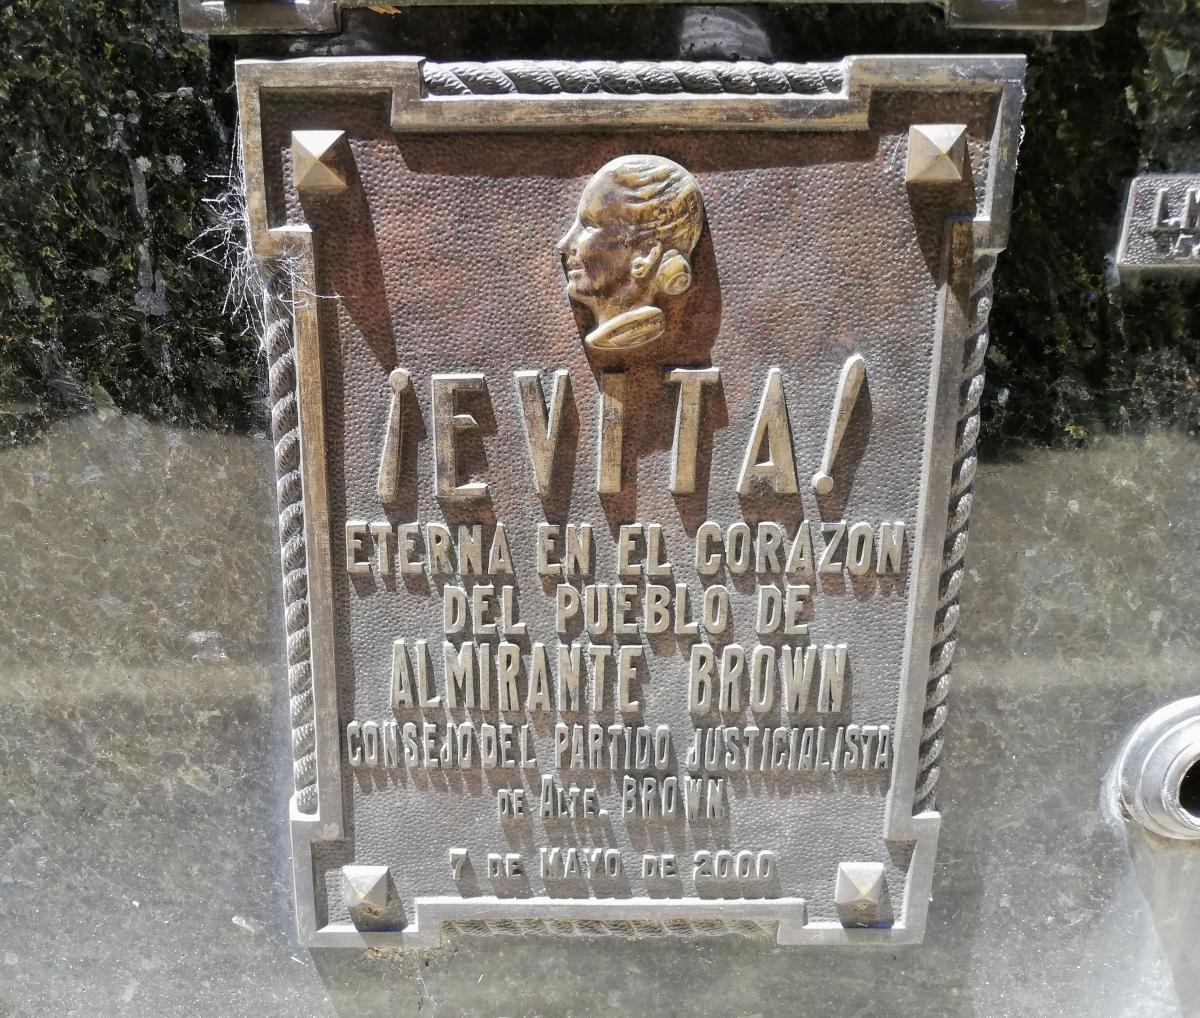 Cintorín Recoleta a hrob Evy Perón (Evity) v Buenos Aires